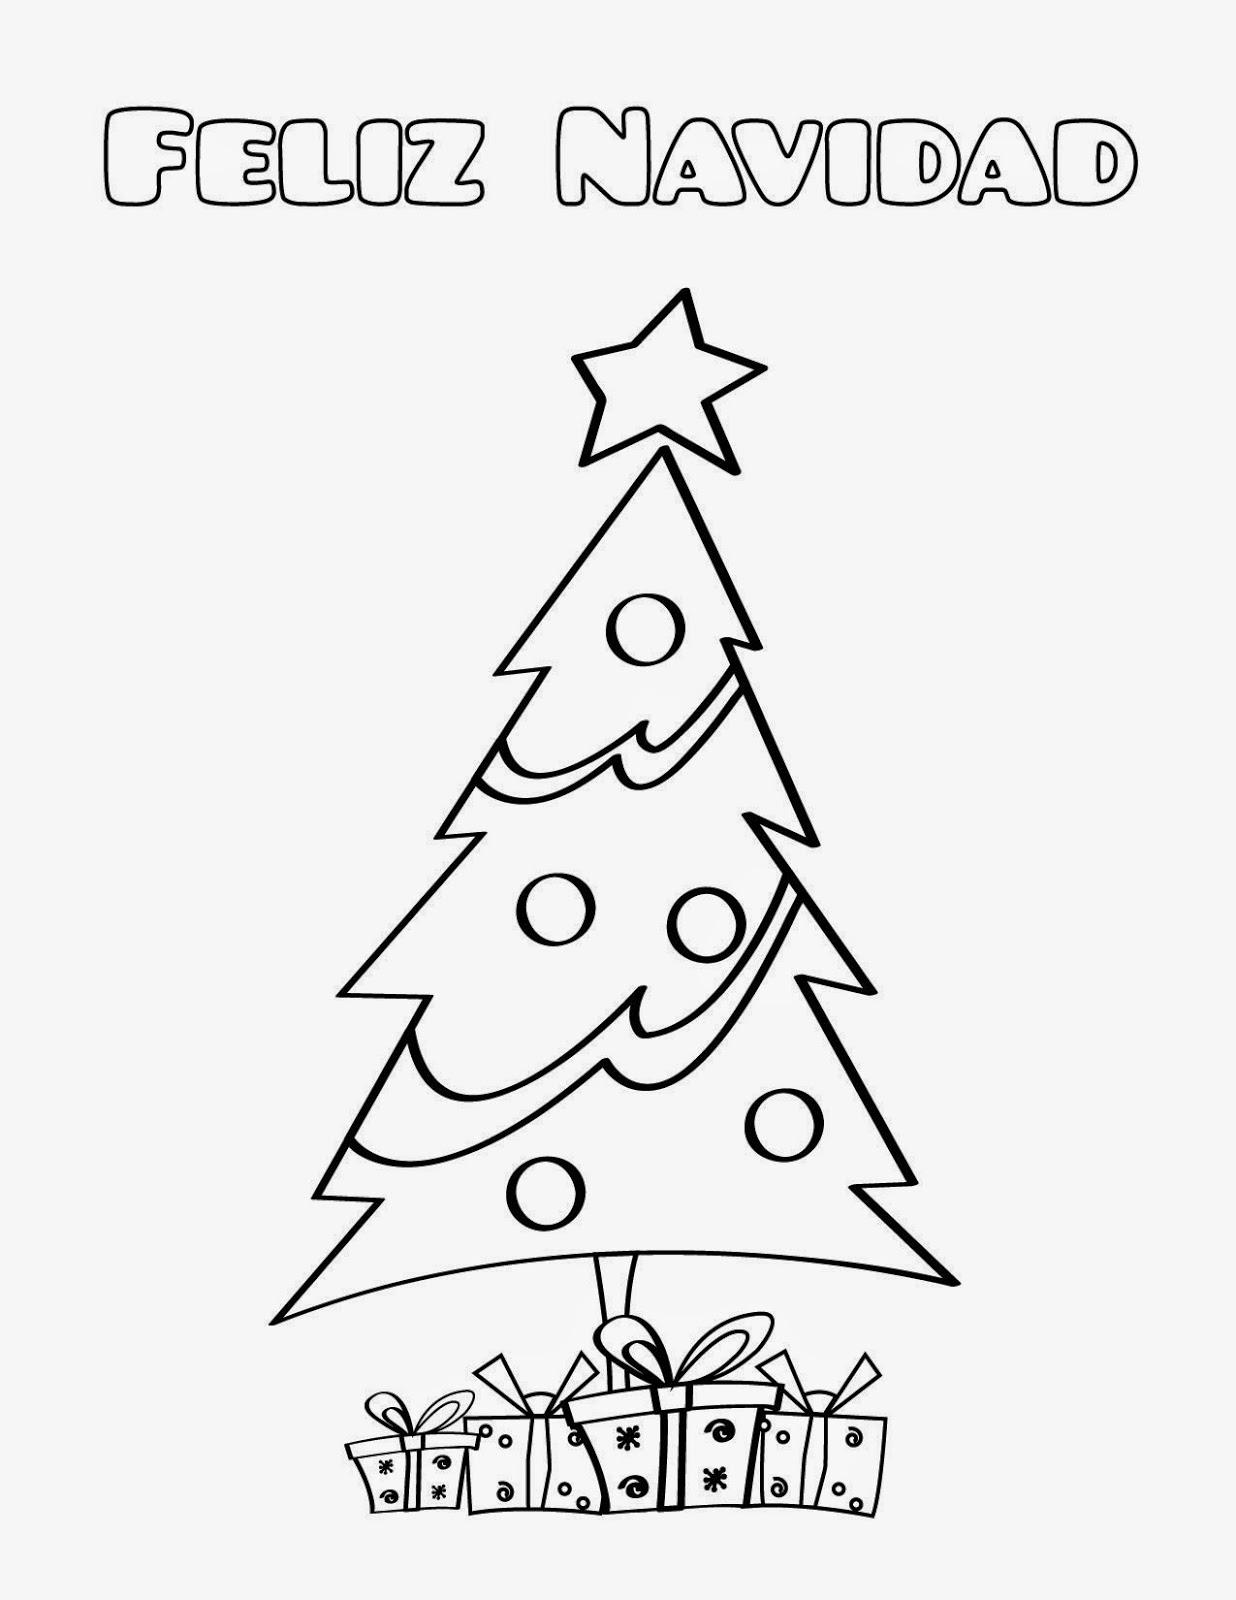 Coloring pages p ginas para colorear feliz navidad - Dibujos de arboles de navidad ...